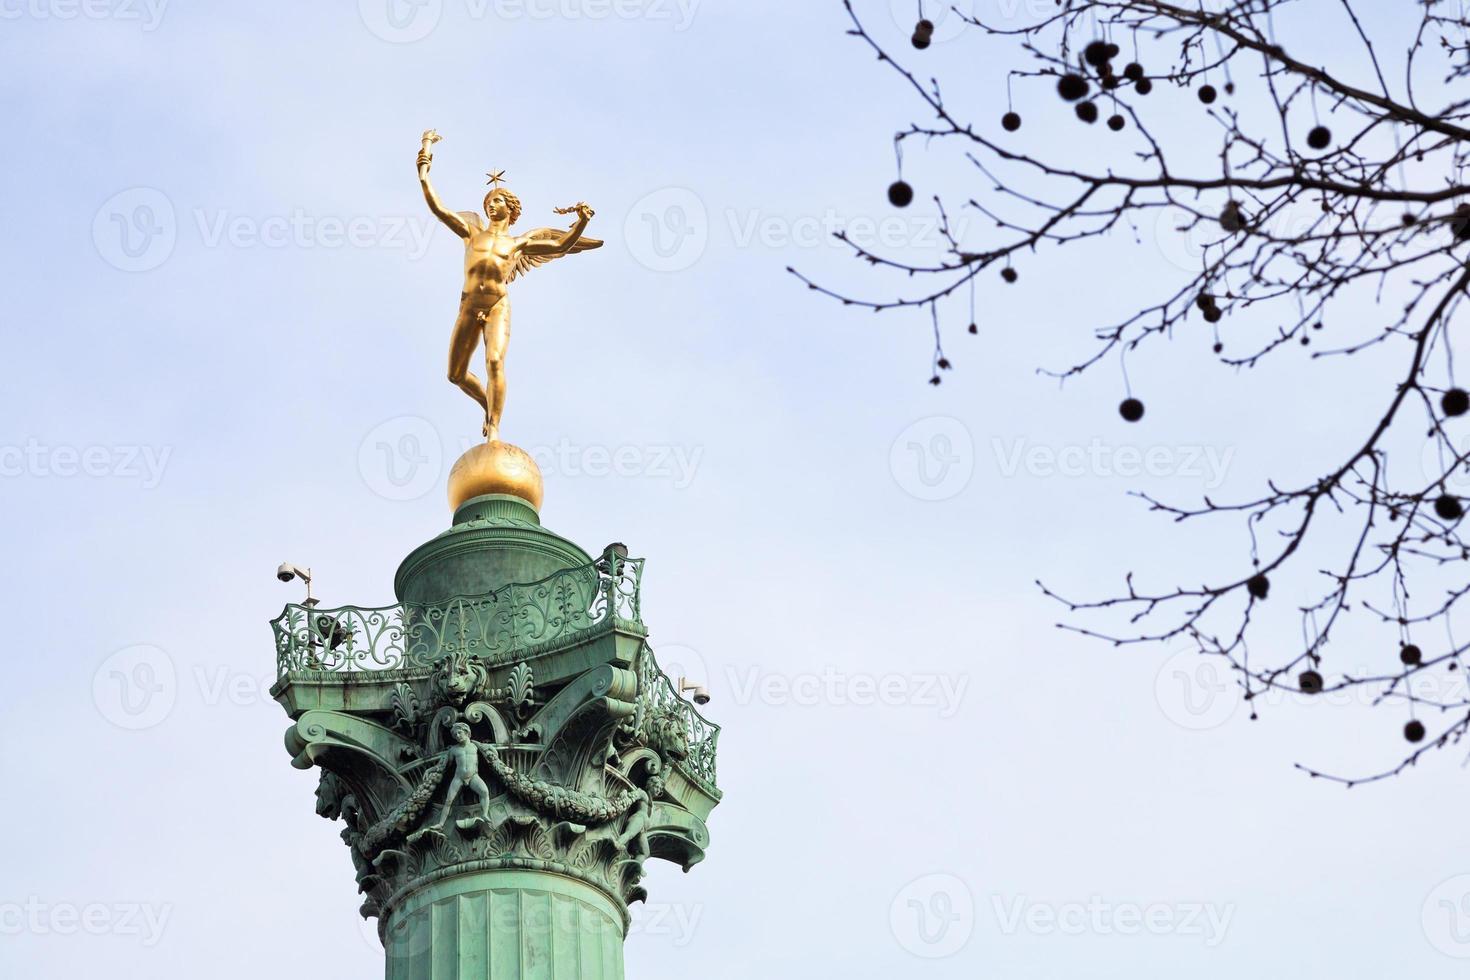 Juli-Kolumne am Place de la Bastille in Paris foto